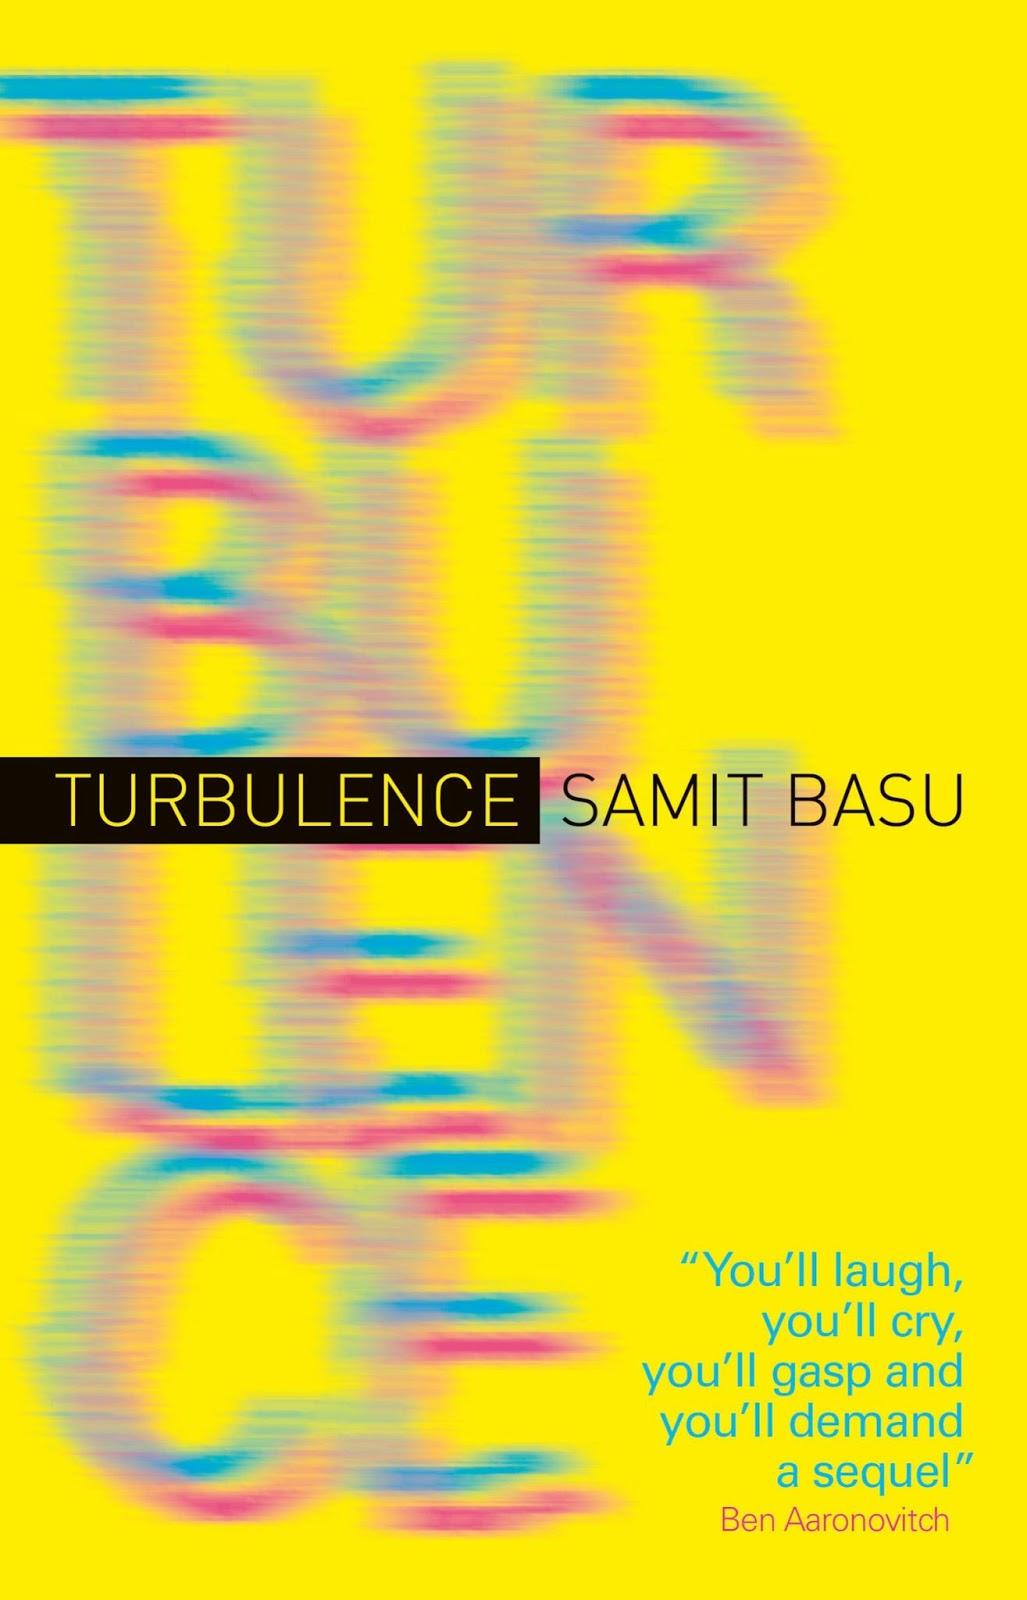 Turbulence Samit Basu